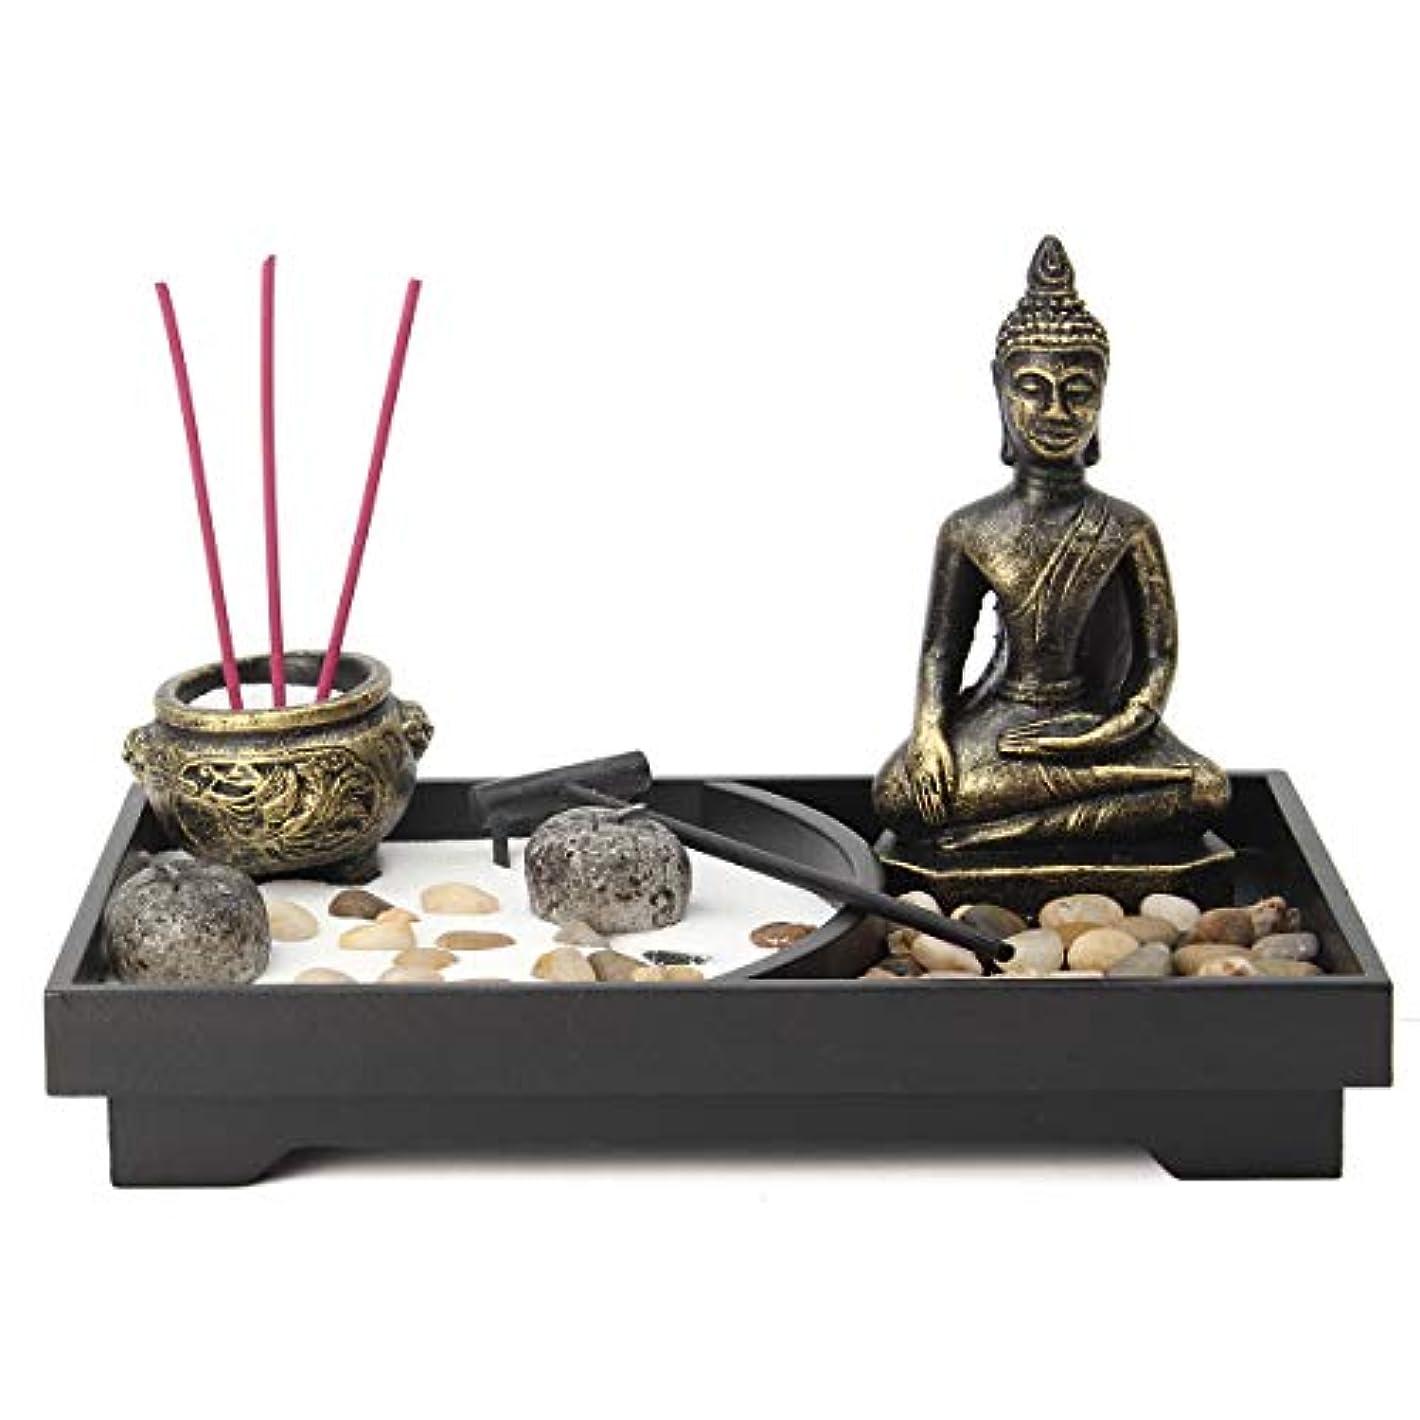 体細胞つかむ司教jeteven Buddha Statue Incense Holder Mini瞑想Zen Garden withワックス、お香バーナーホルダースティックホームDecor & Handicraft、8.82